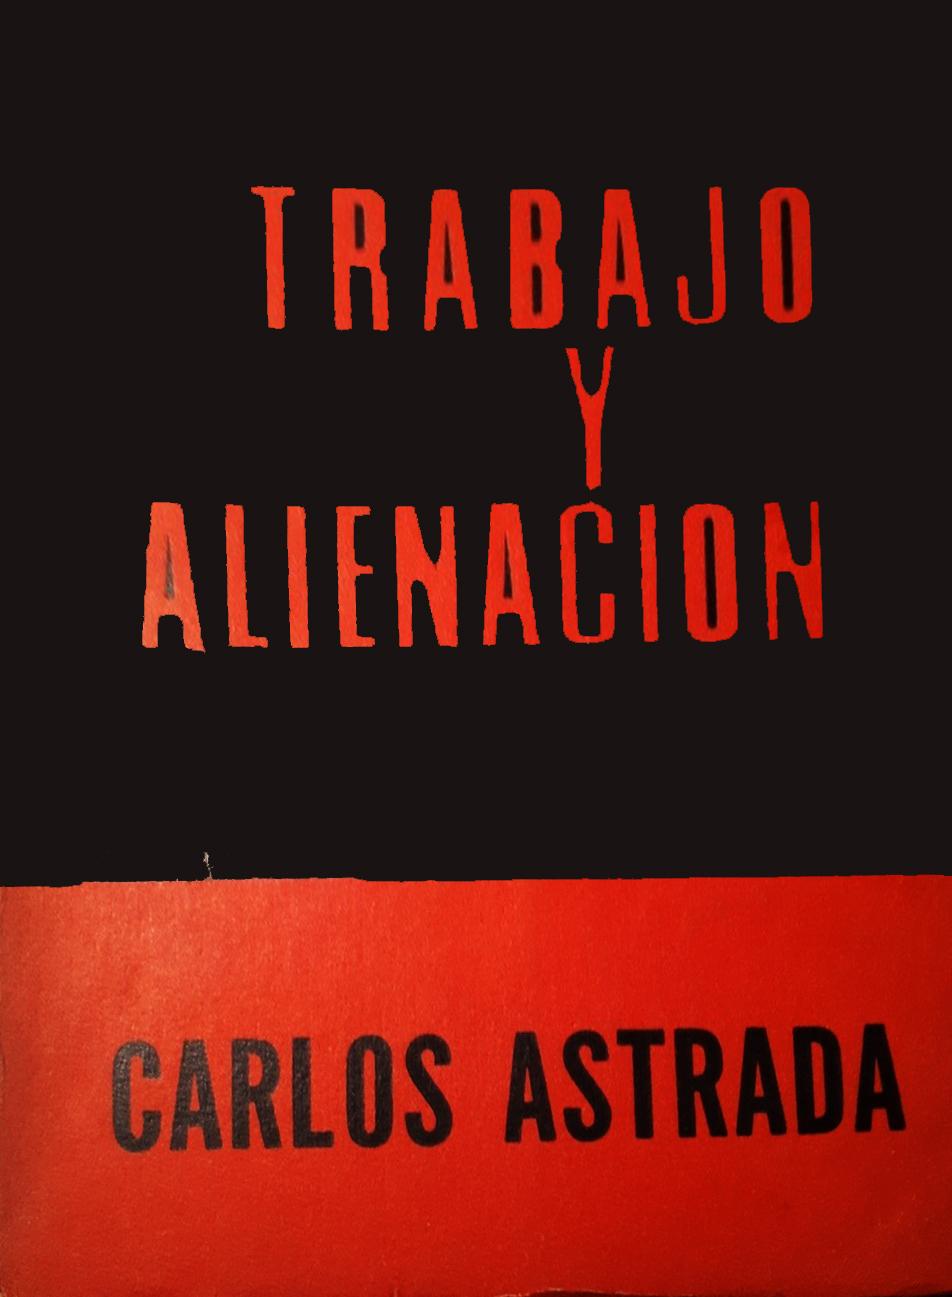 """""""Trabajo y alienación"""" - libro de Carlos Astrada - en los mensajes contiene breve biografía, un artículo sobre Carlos Astrada y link de descarga de un libro breve del mismo autor TRABAJOYALIENACIONLIBRO"""